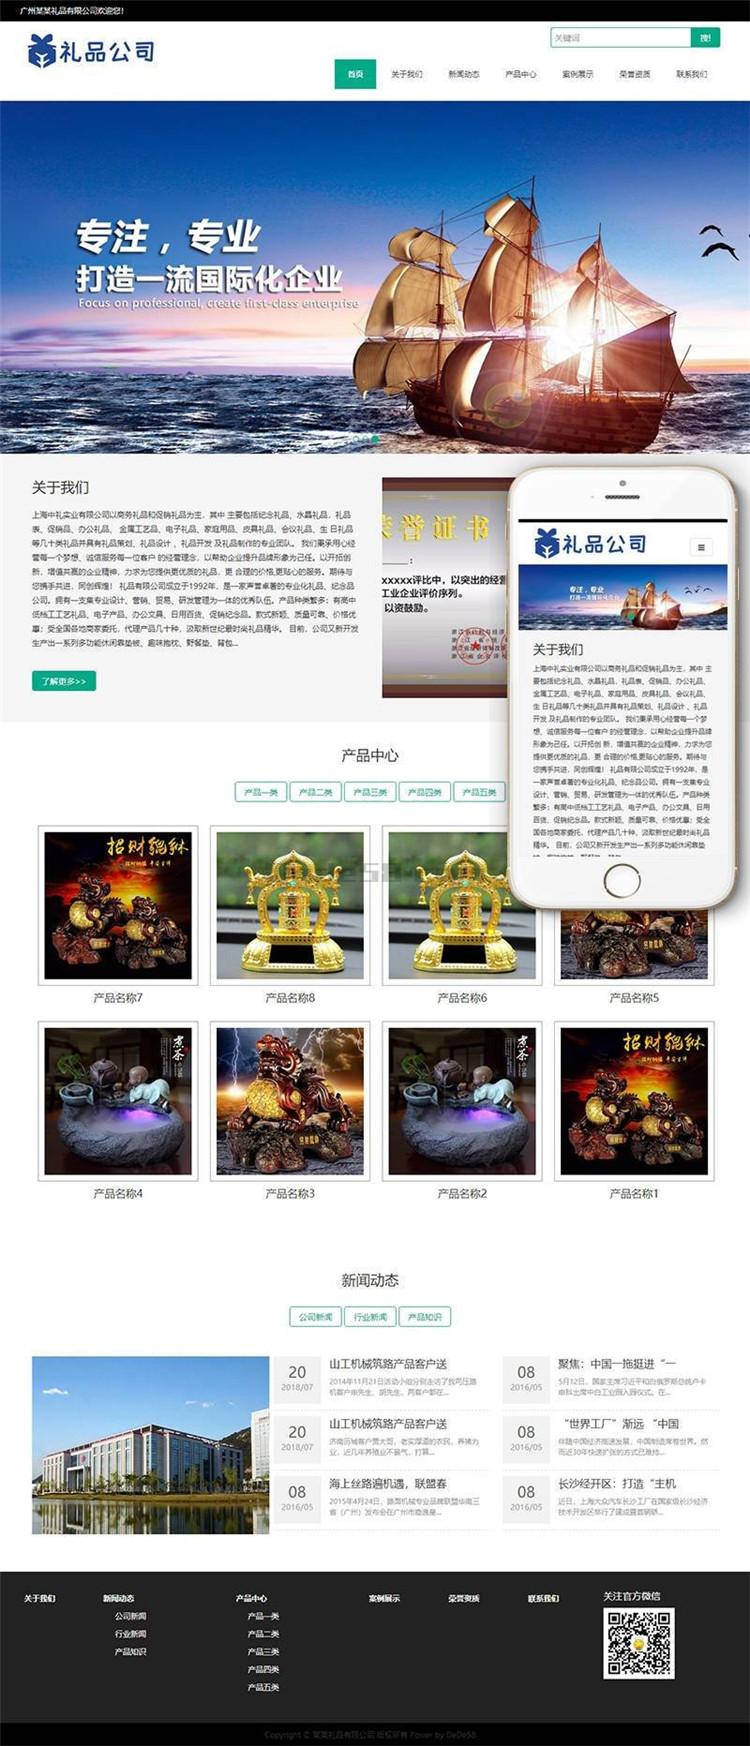 爱上源码网文章dede模板 响应式礼品类网站织梦模板(自适应手机端)整站源码的内容插图